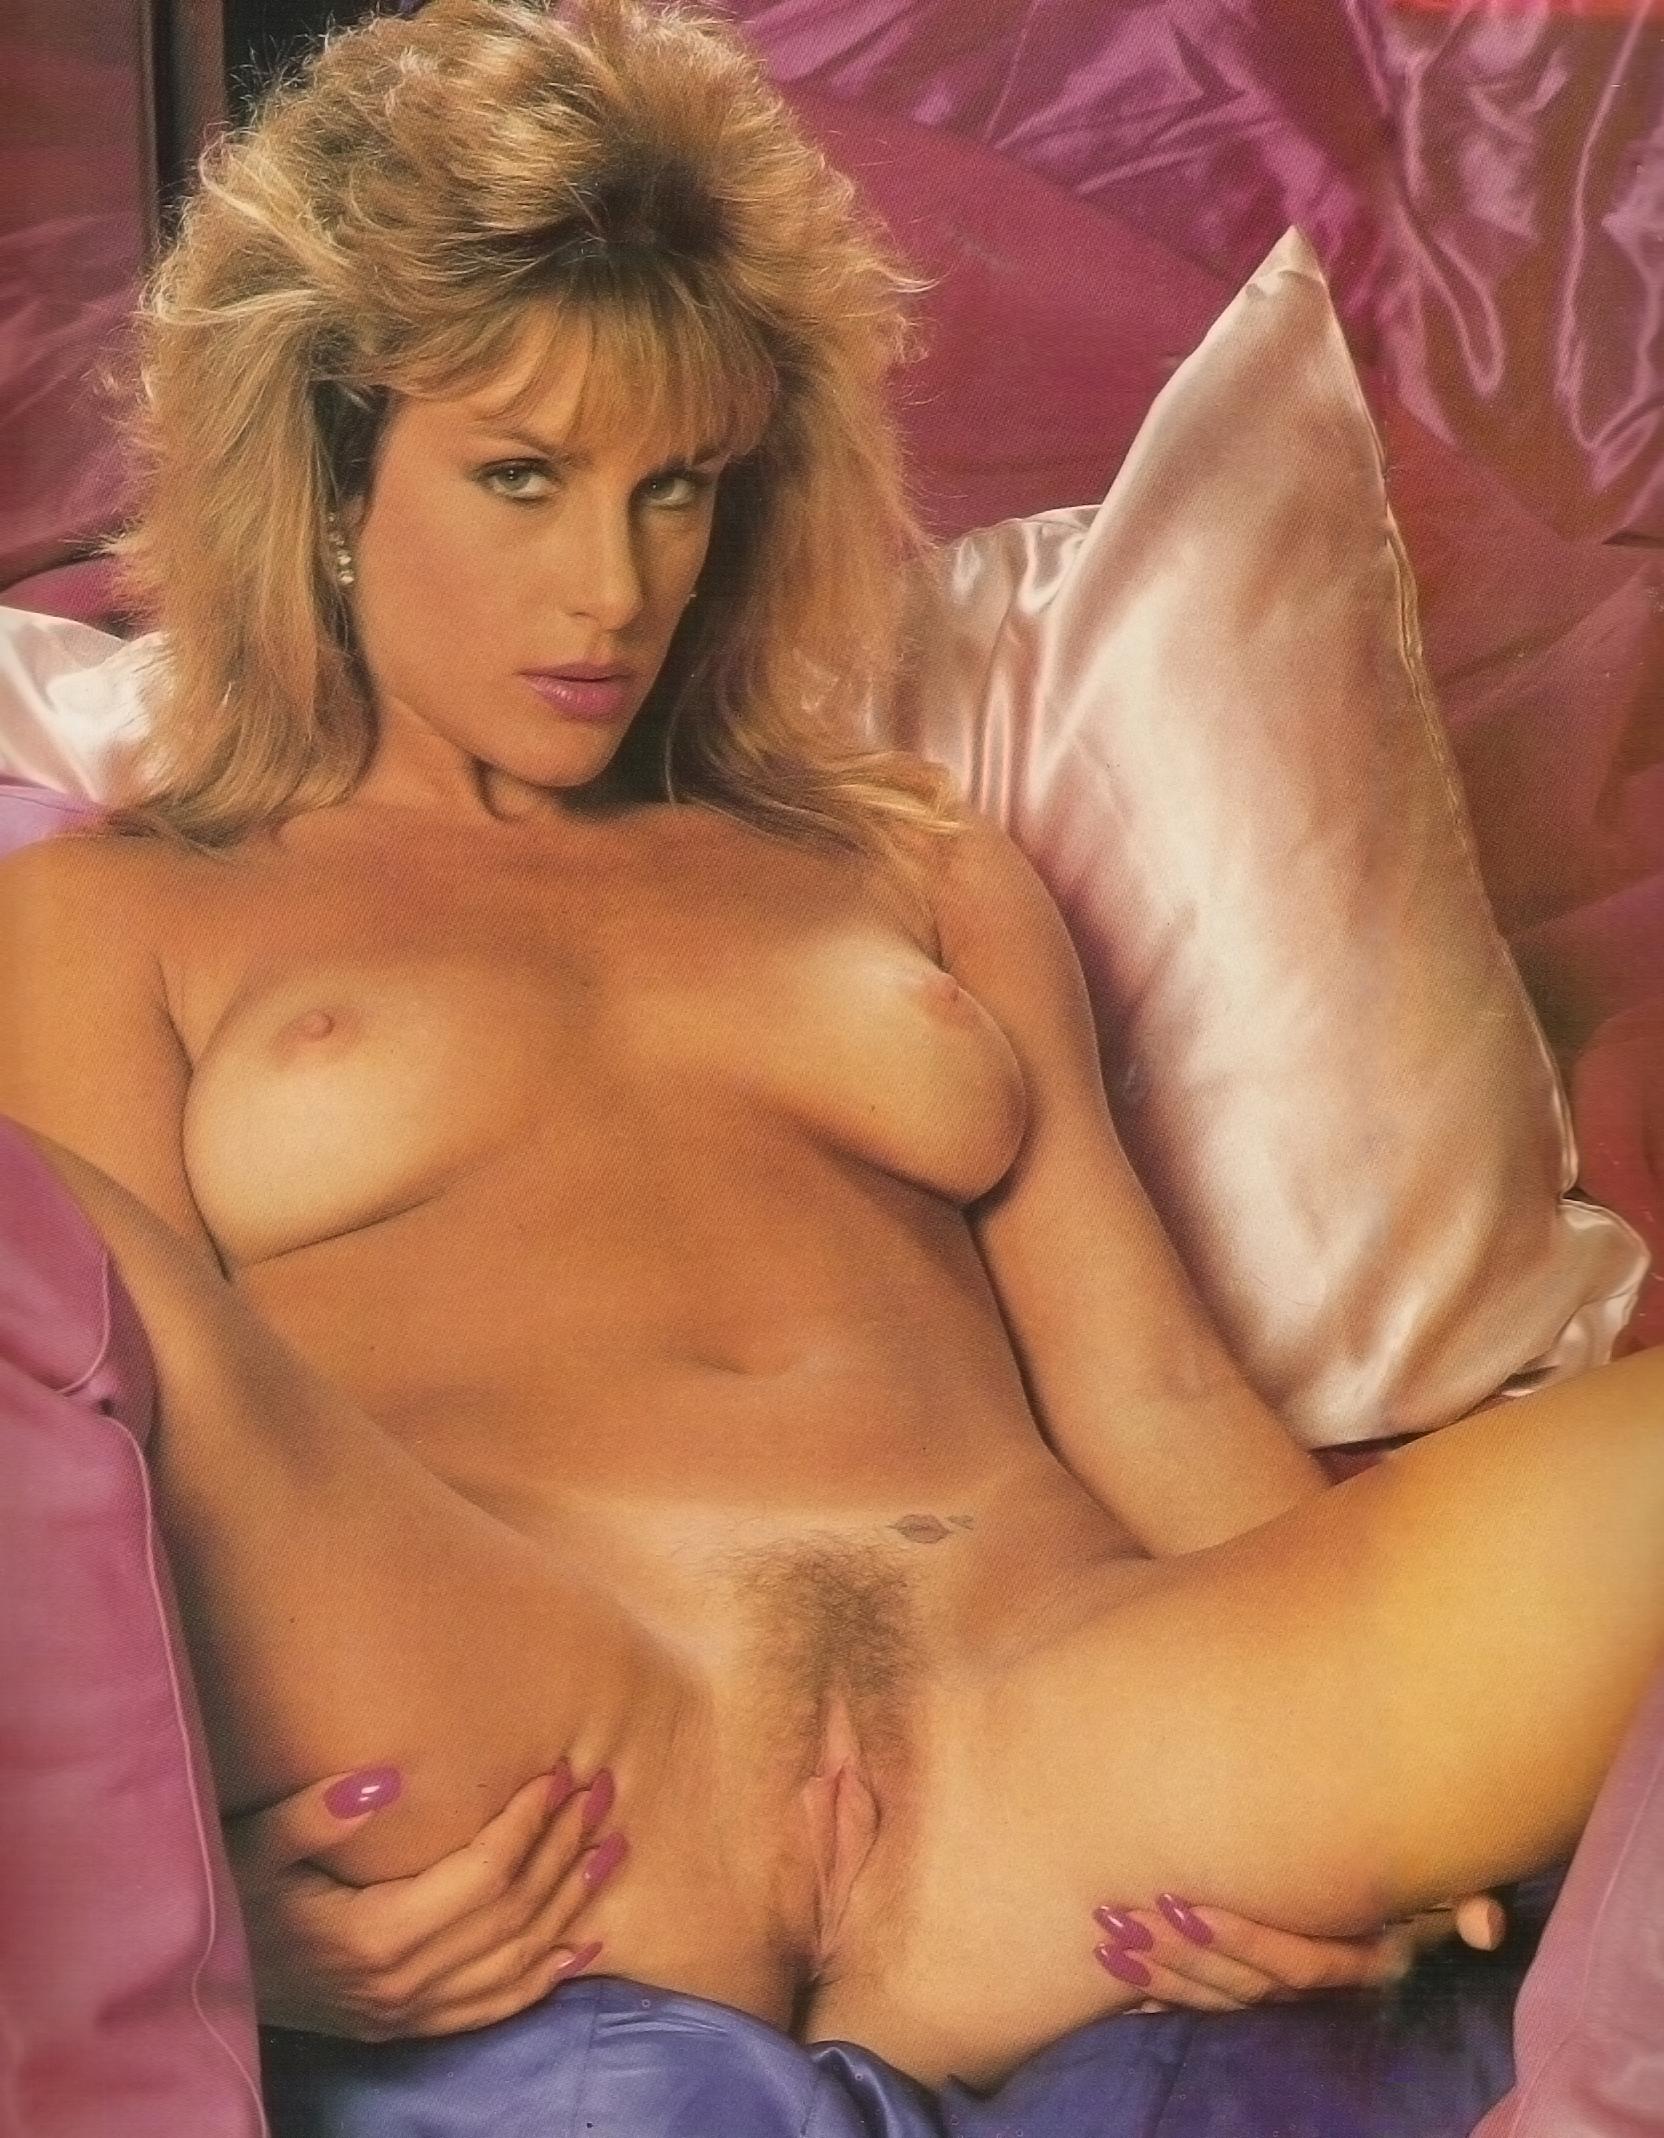 Интимные фото порно сериала санта барбара